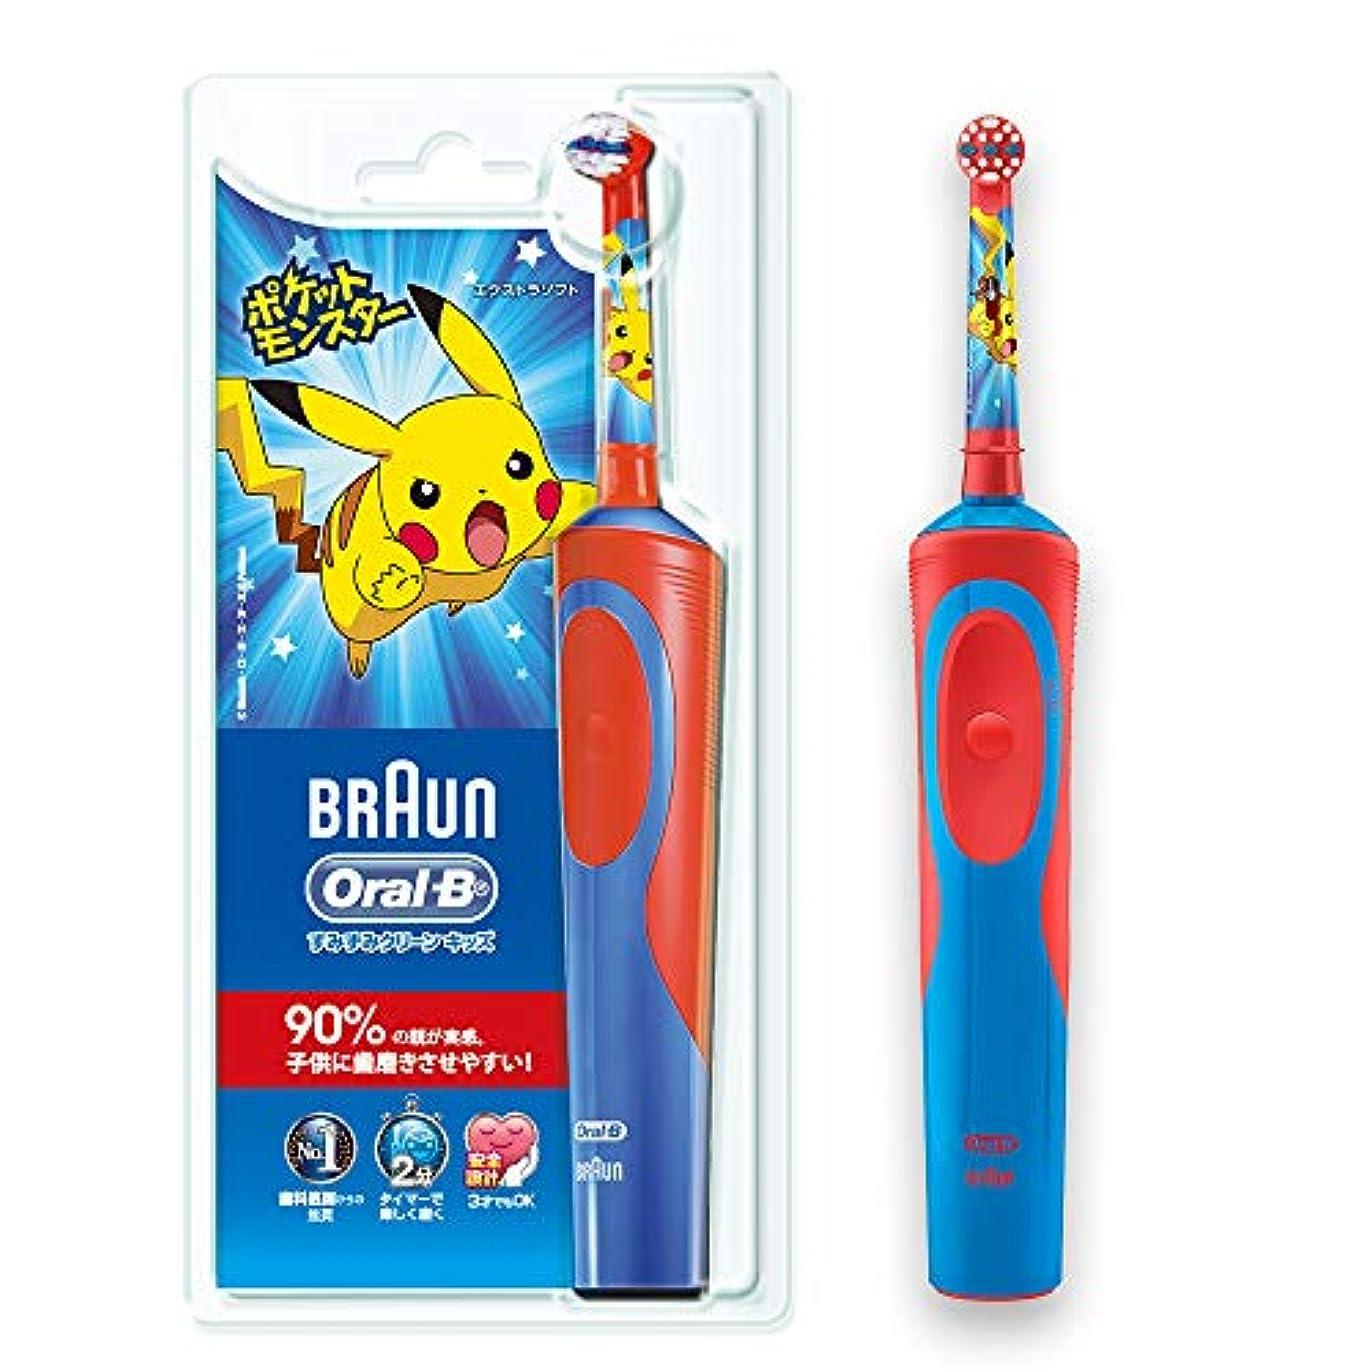 手順圧縮する最後のブラウン オーラルB 電動歯ブラシ 子供用 D12513KPKMB すみずみクリーンキッズ 本体 レッド ポケモン 歯ブラシ